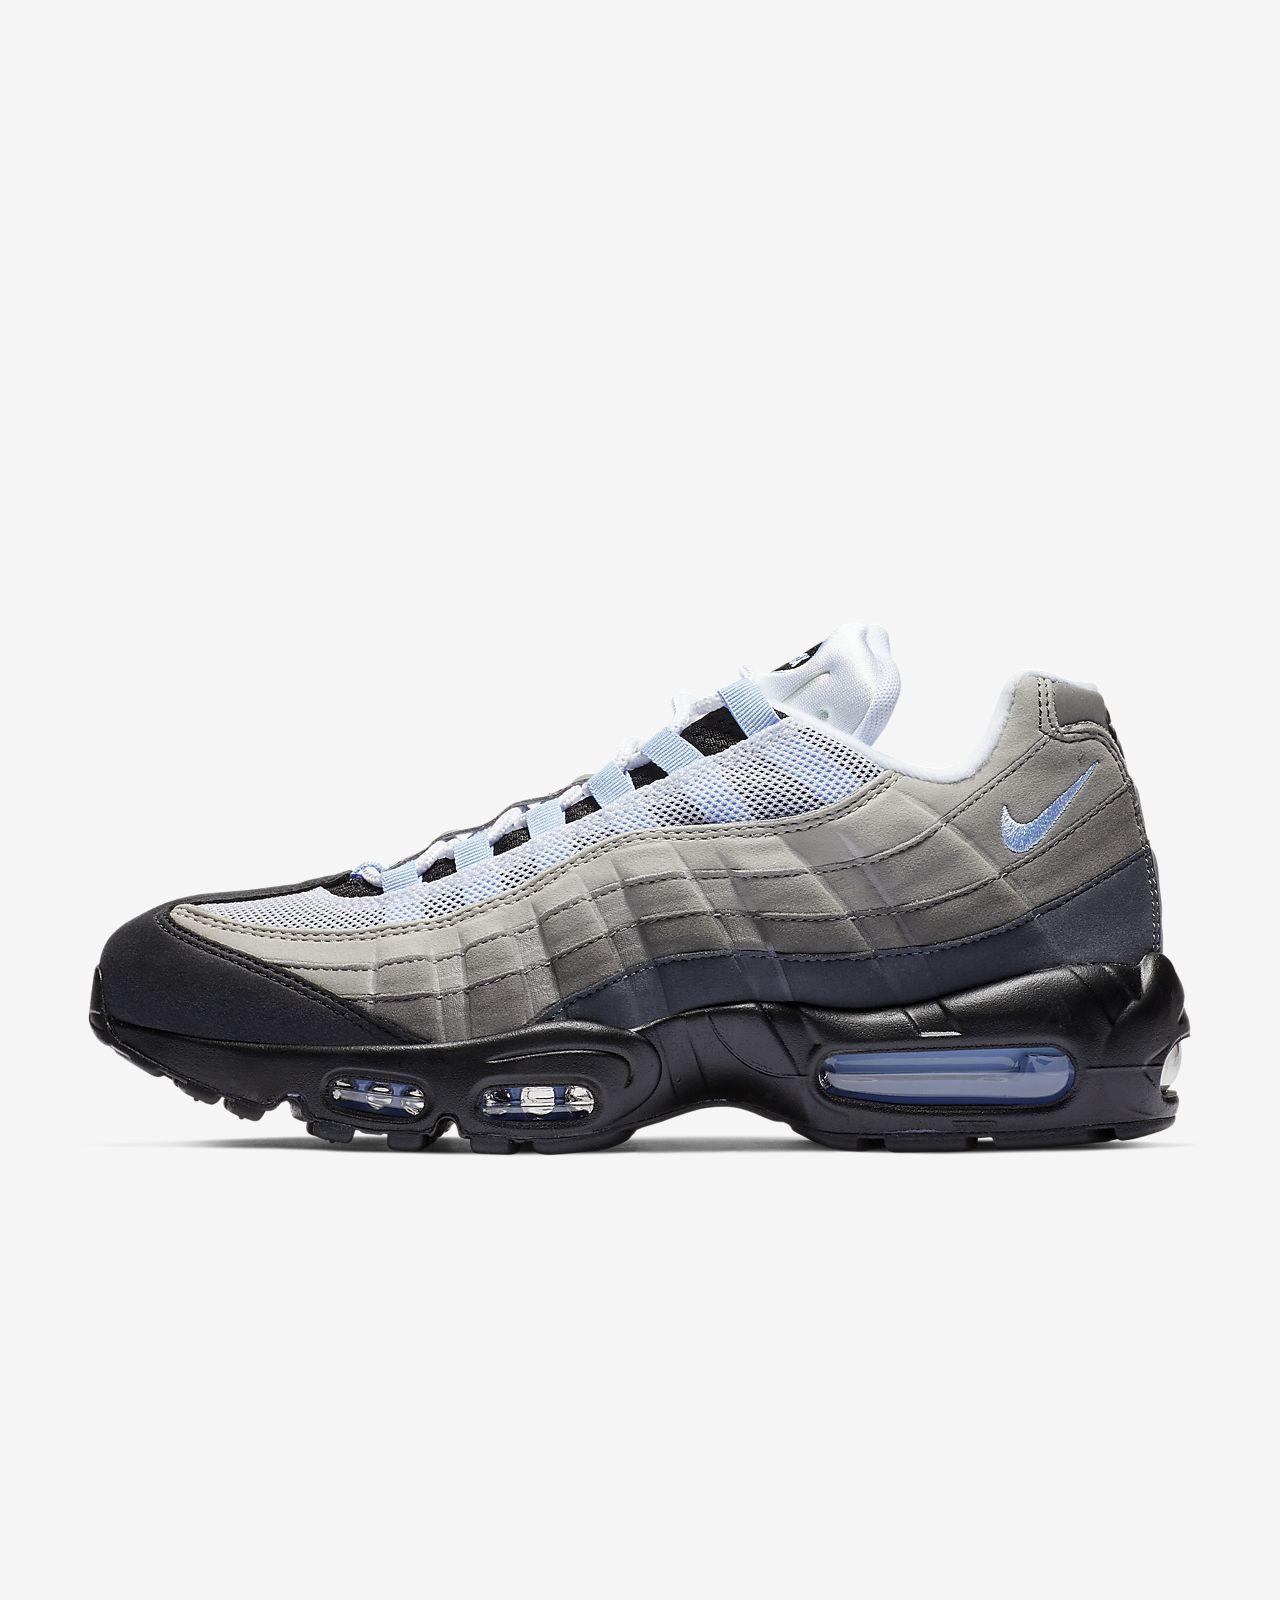 Nike Air Max 95 hombre